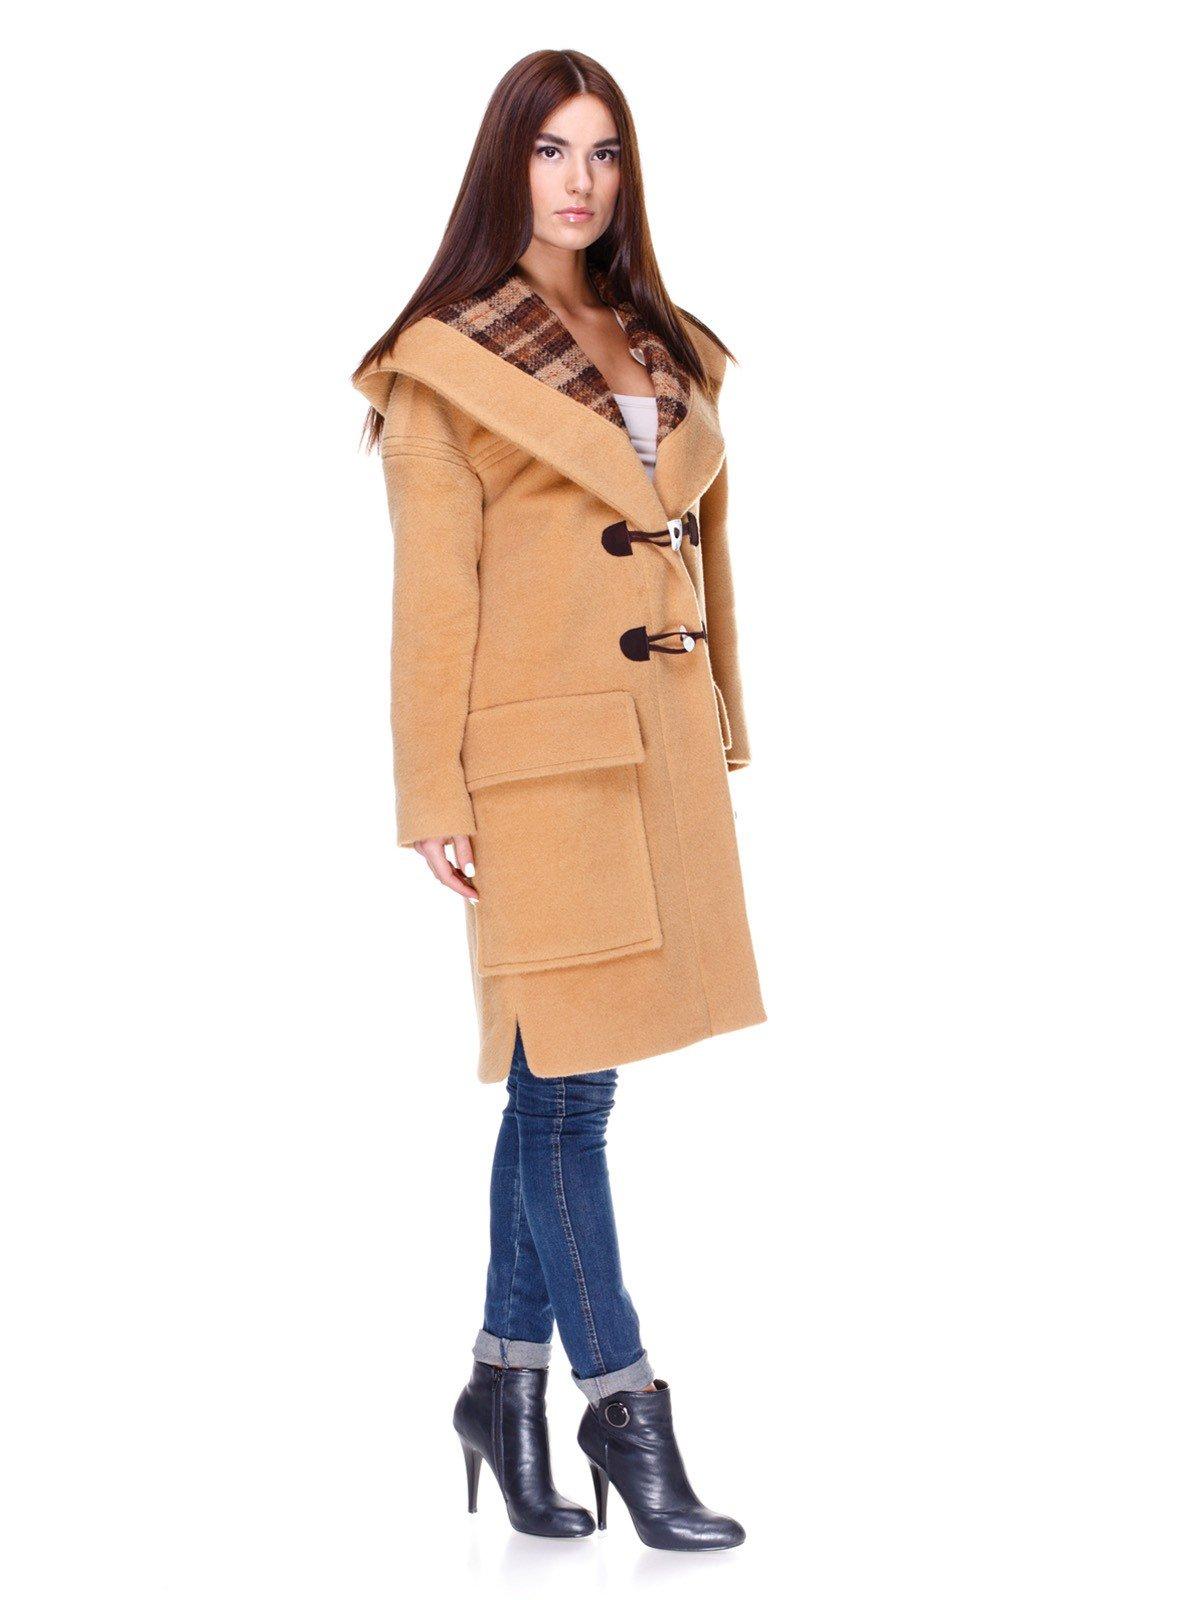 Dolcedonna.com.ua - інтернет магазин жіночого одягу в Києві. купить  дизайнерскую женскую одежду недорого 50605feeee3a7